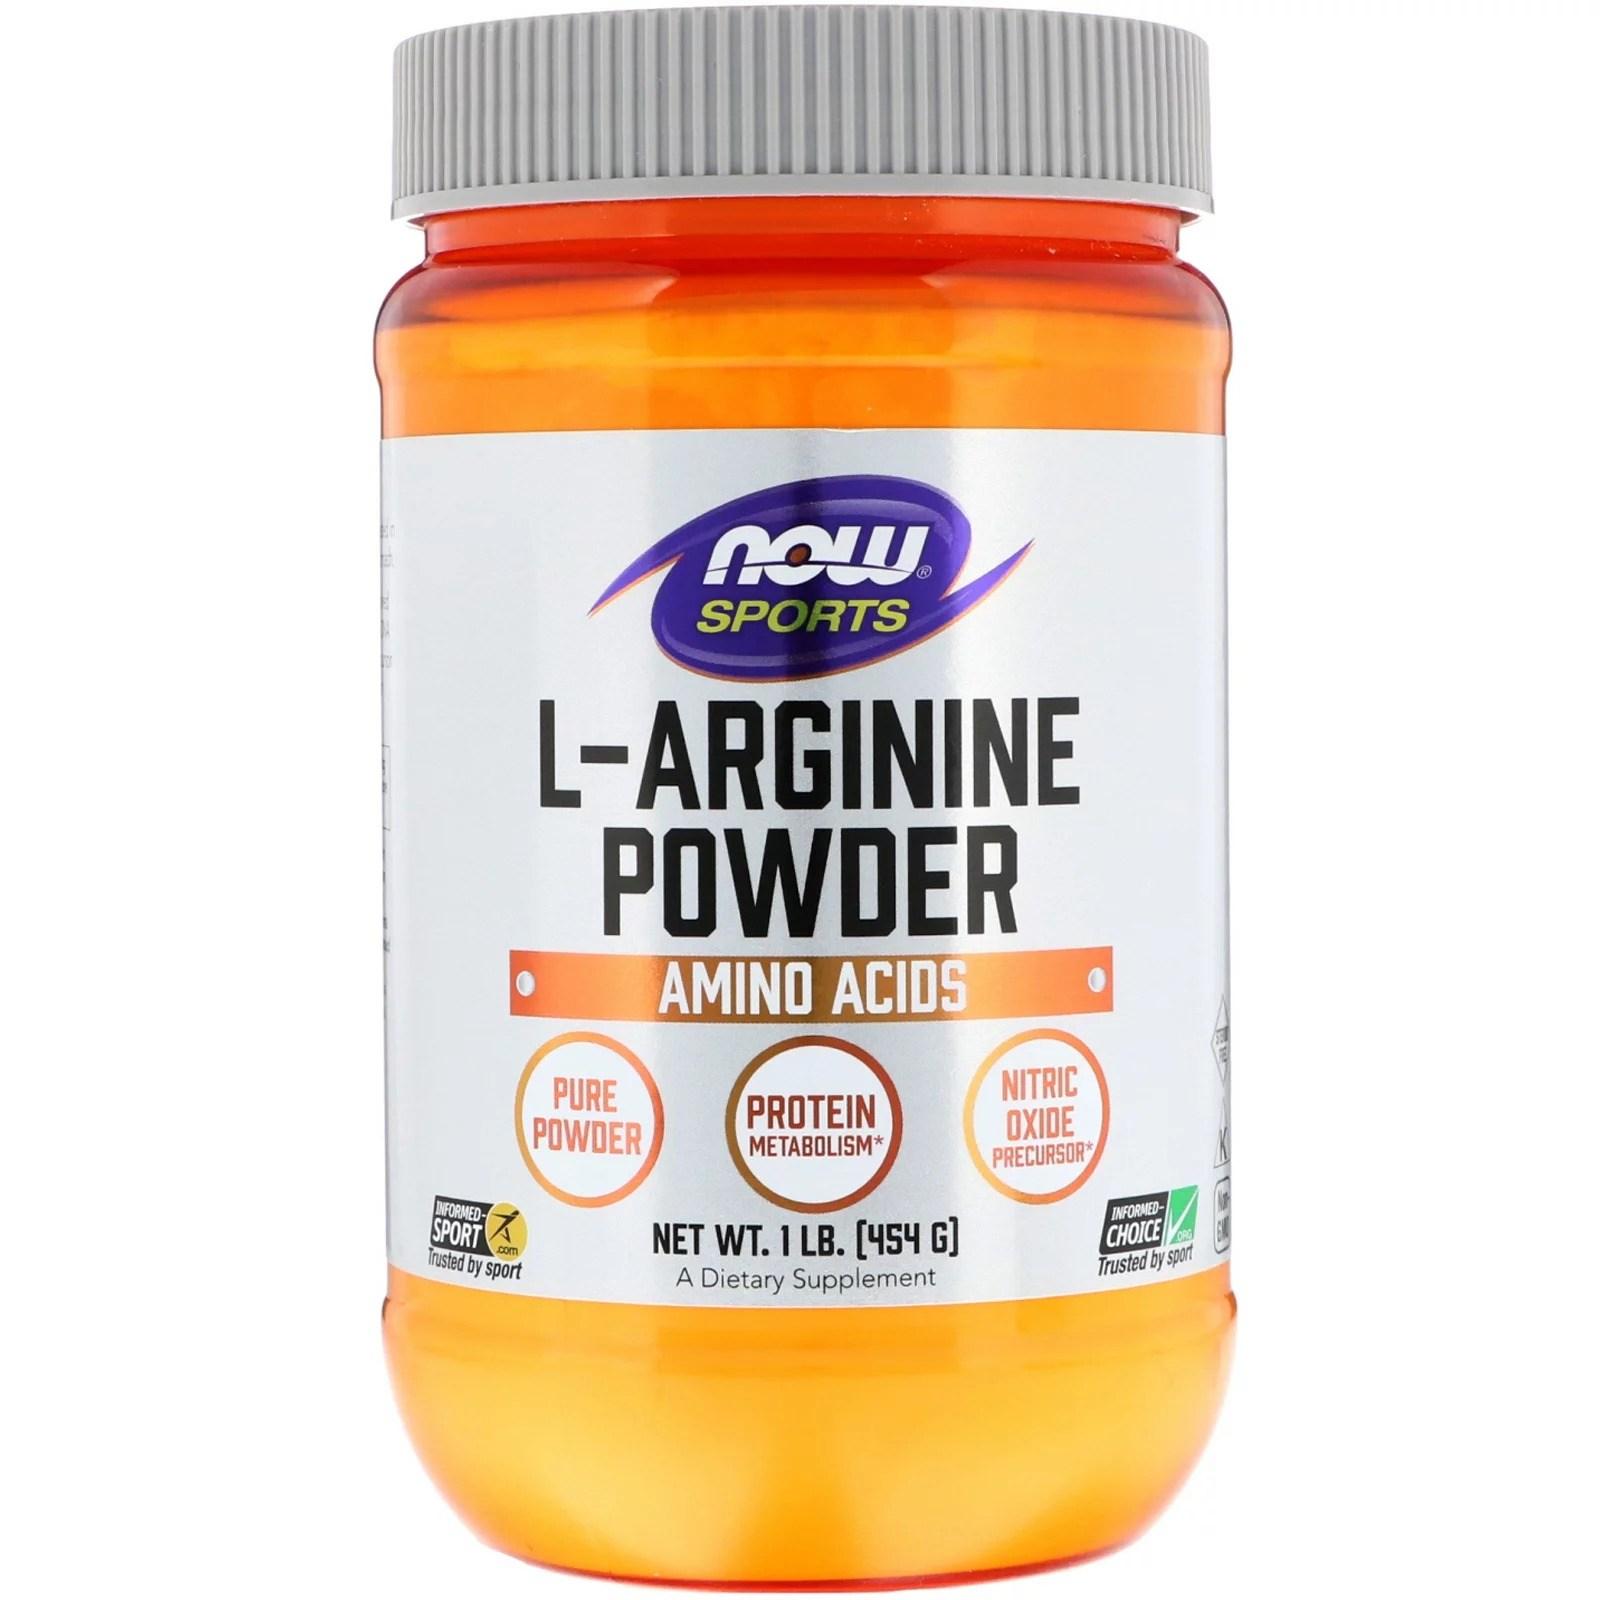 나우푸드 엘아르기닌 L-아르기닌 파우더 454g 건강기능식품, 1개